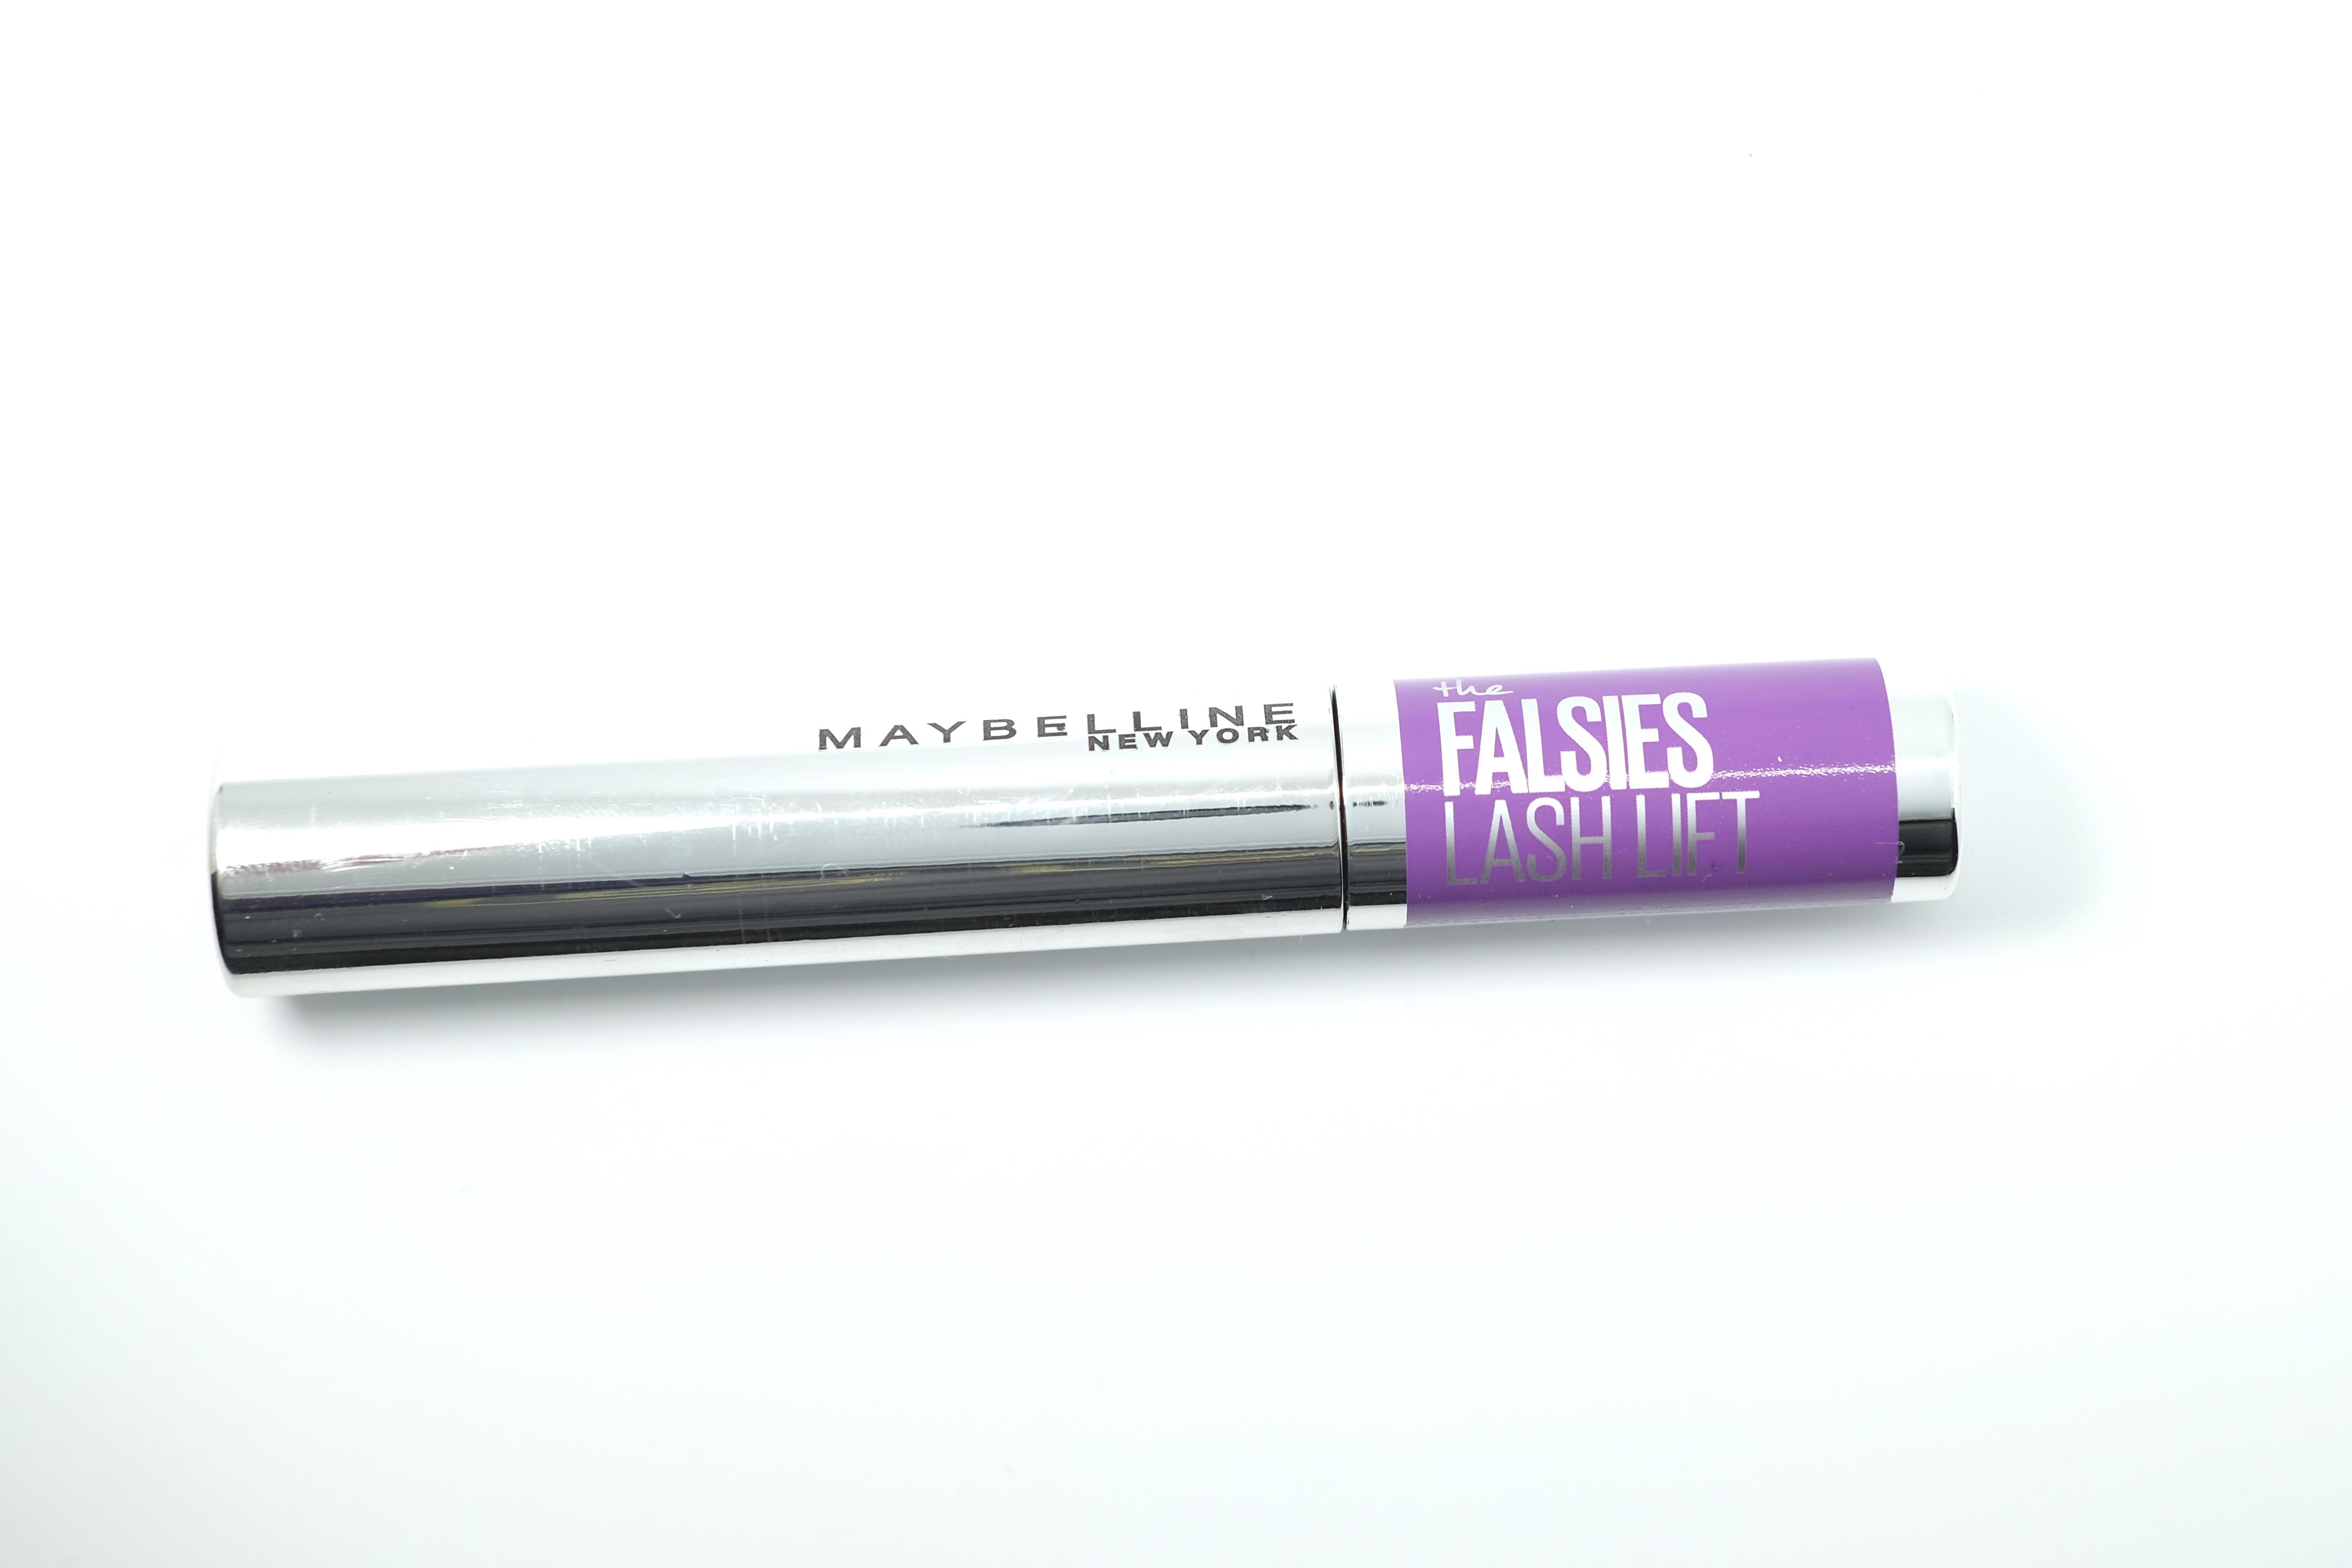 The Falsies Lash Lift Mascara de Maybelline New York ofrece gran volumen y un aspecto alargado gracias a un cepillo de doble curva combinado con una fórmula liviana y de larga duración. (Suministrada)